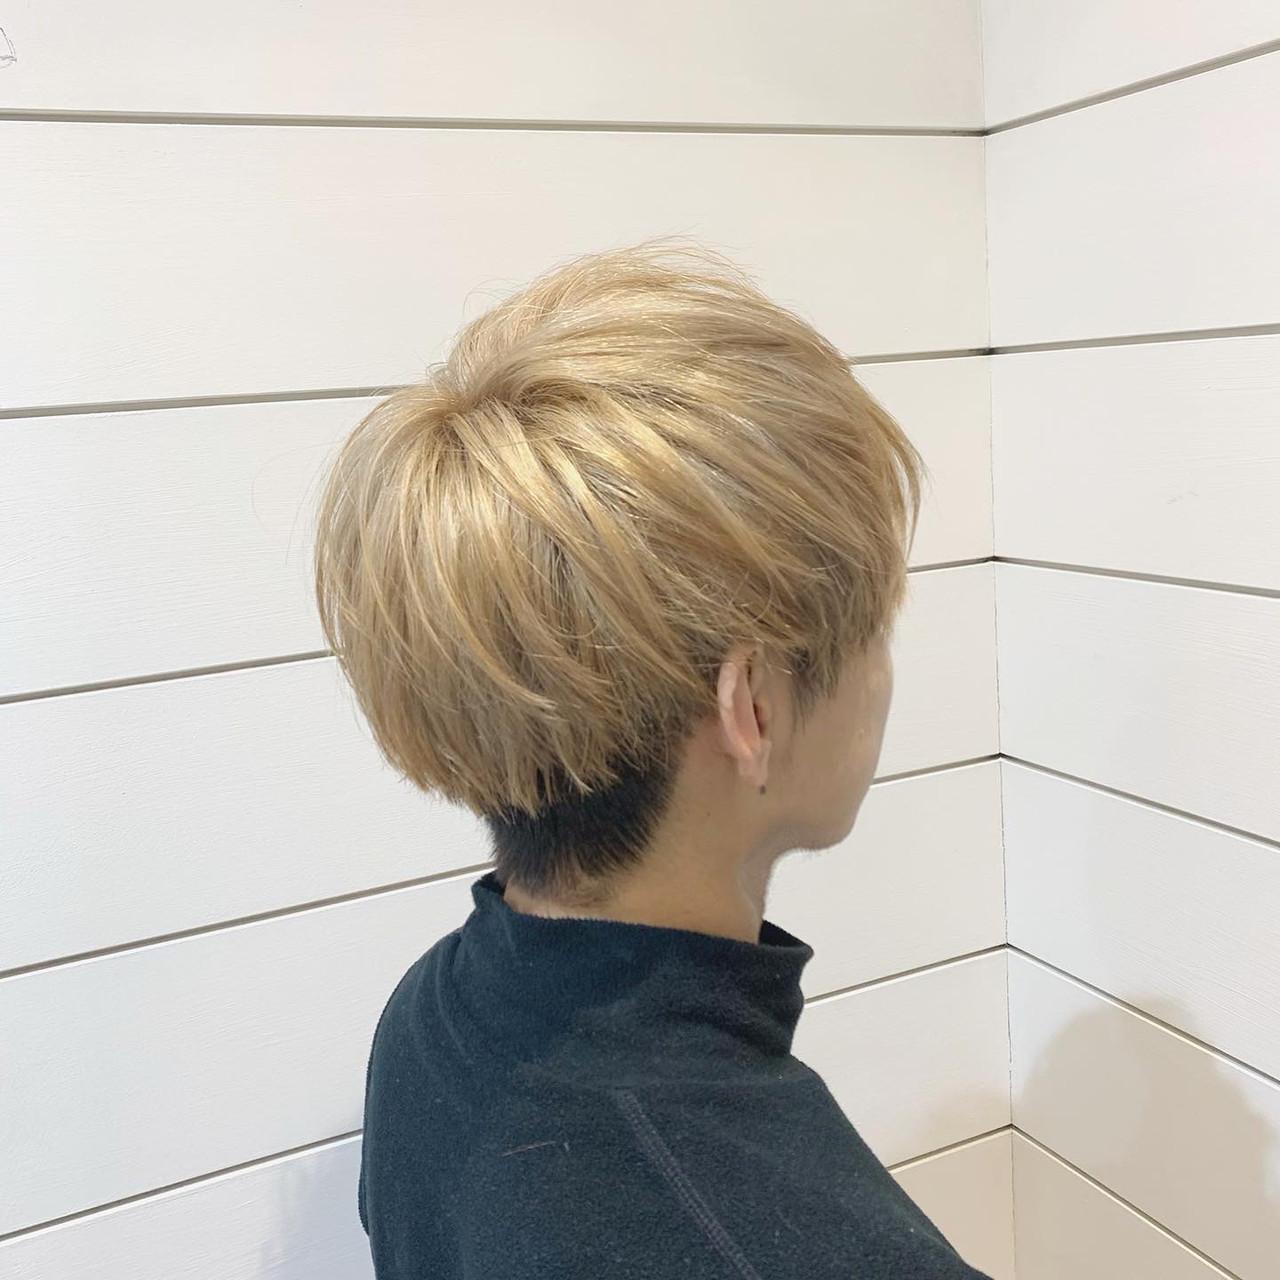 メンズマッシュ 韓国ヘア ショート ナチュラル ヘアスタイルや髪型の写真・画像